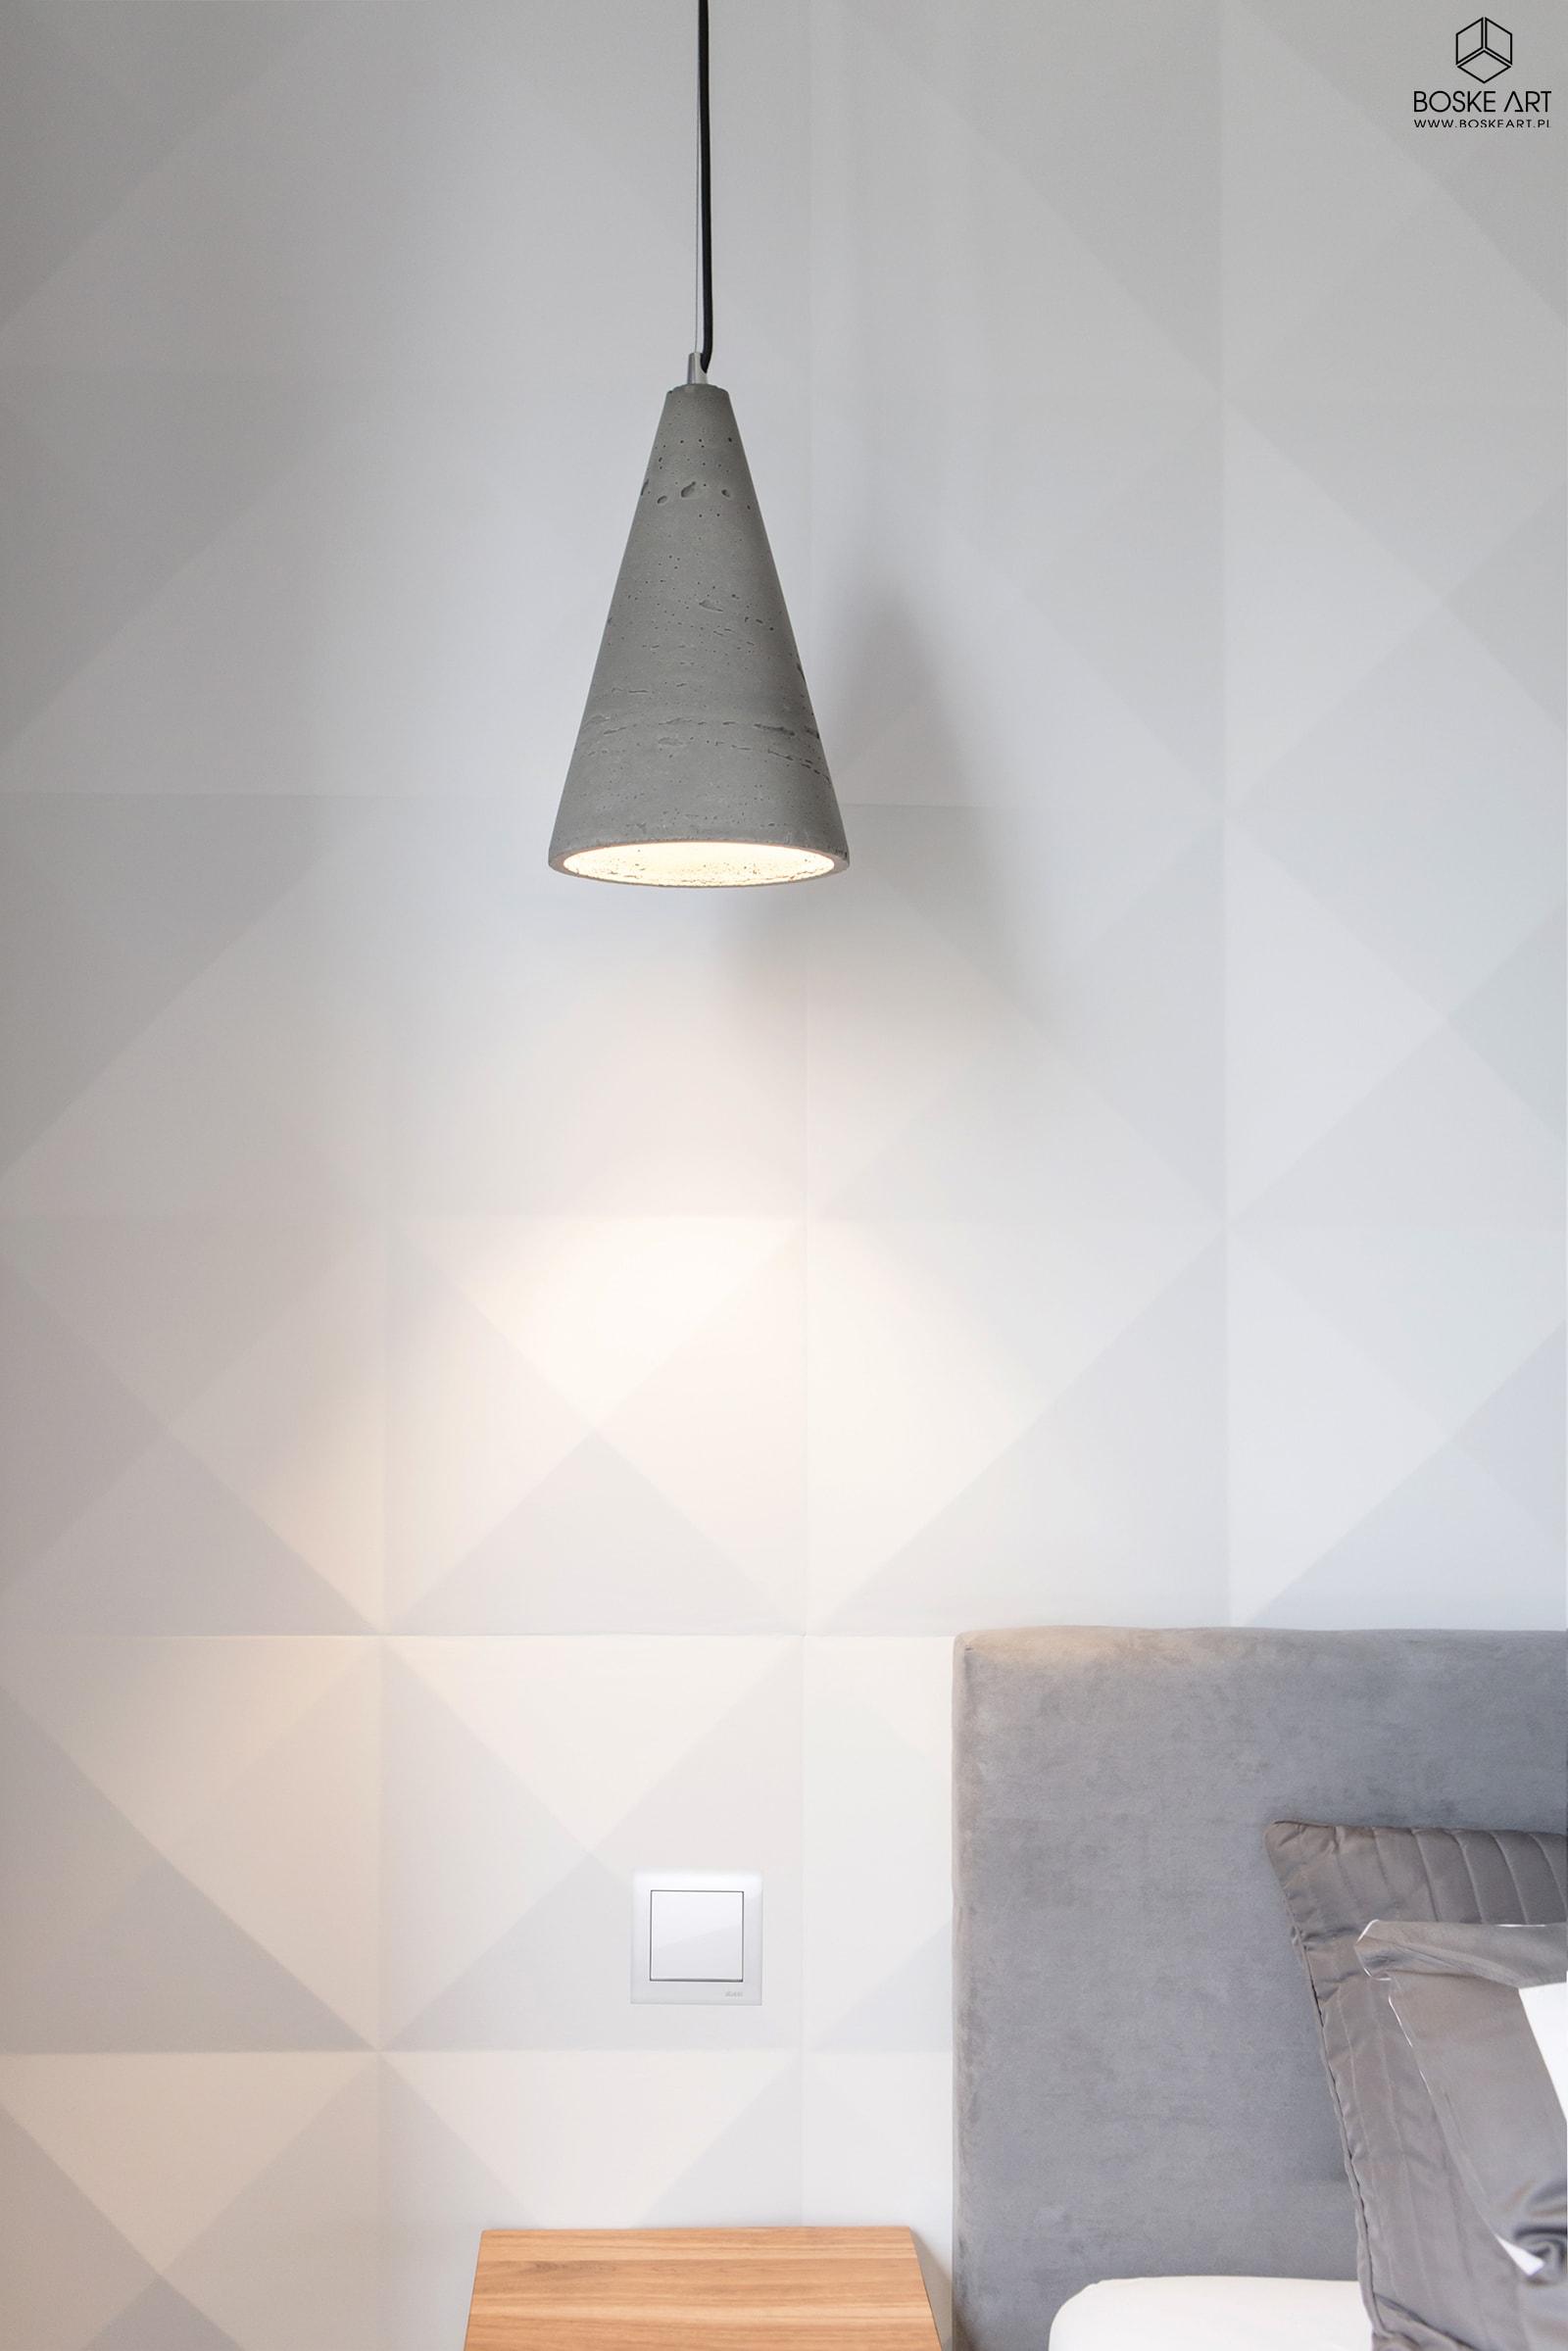 16_apartamenty_na_wynajem_poznan_boske_art_projektowanie_aranzacja_architektura_wnetrz_natalia_robaszkeiwicz-min